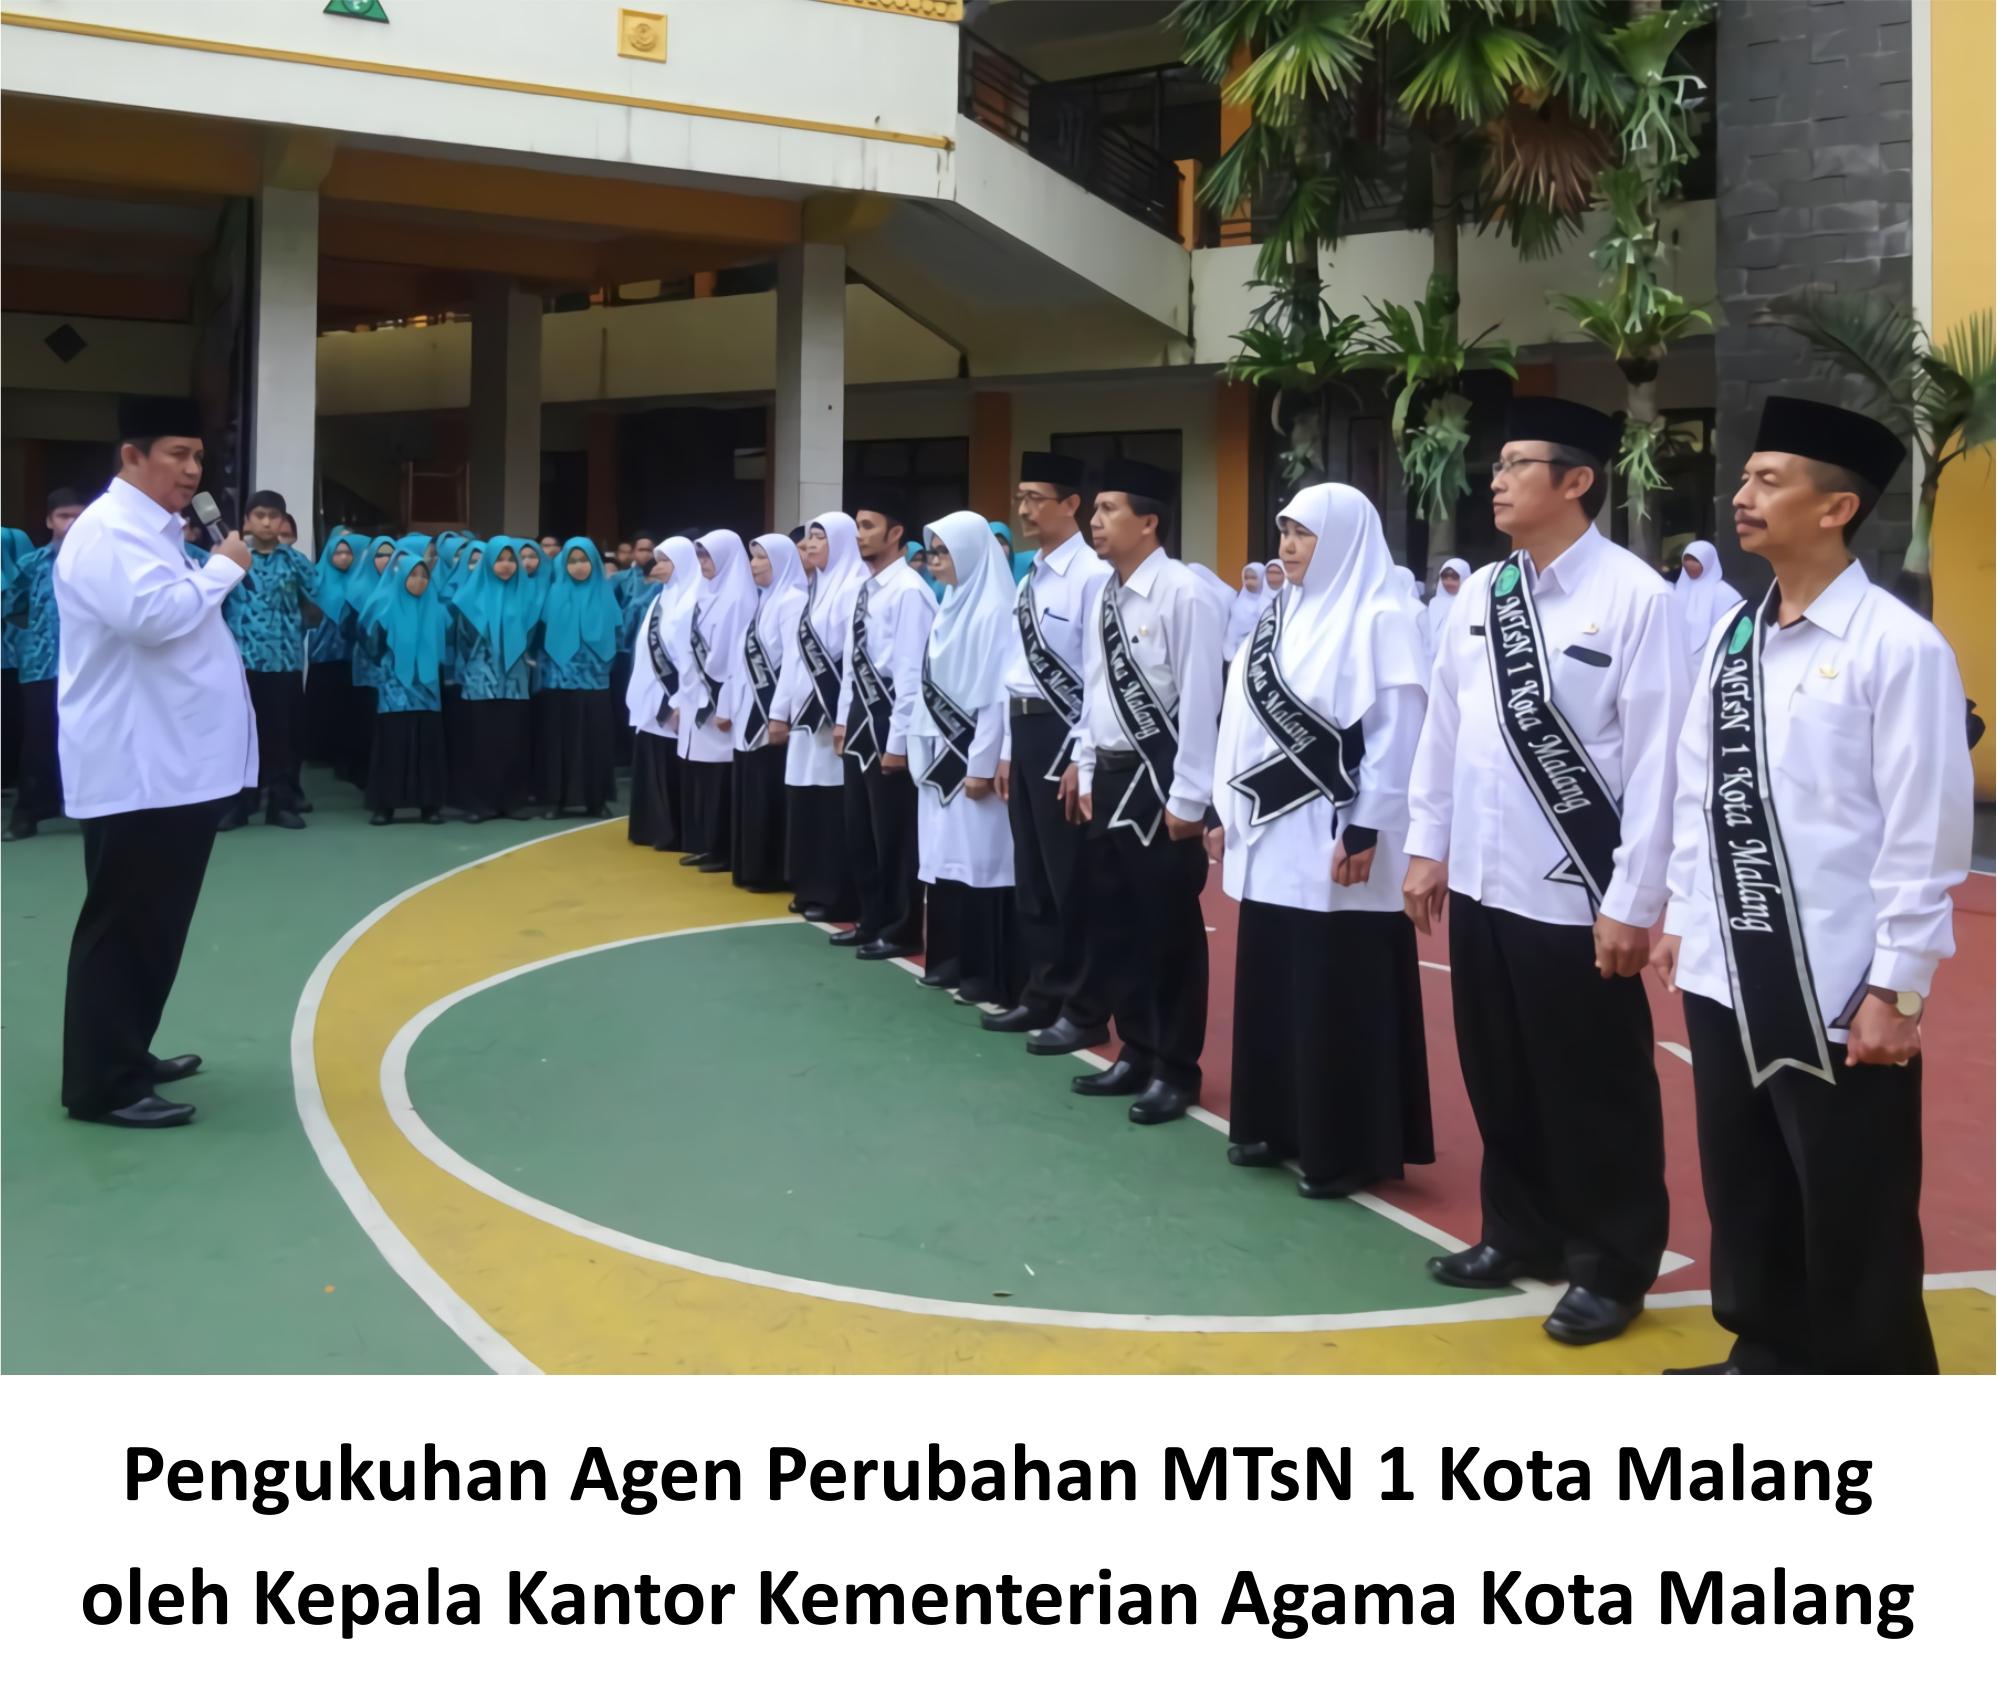 Kakankemenag Kukuhkan Agen Perubahan MTsN 1 Kota Malang 1 4